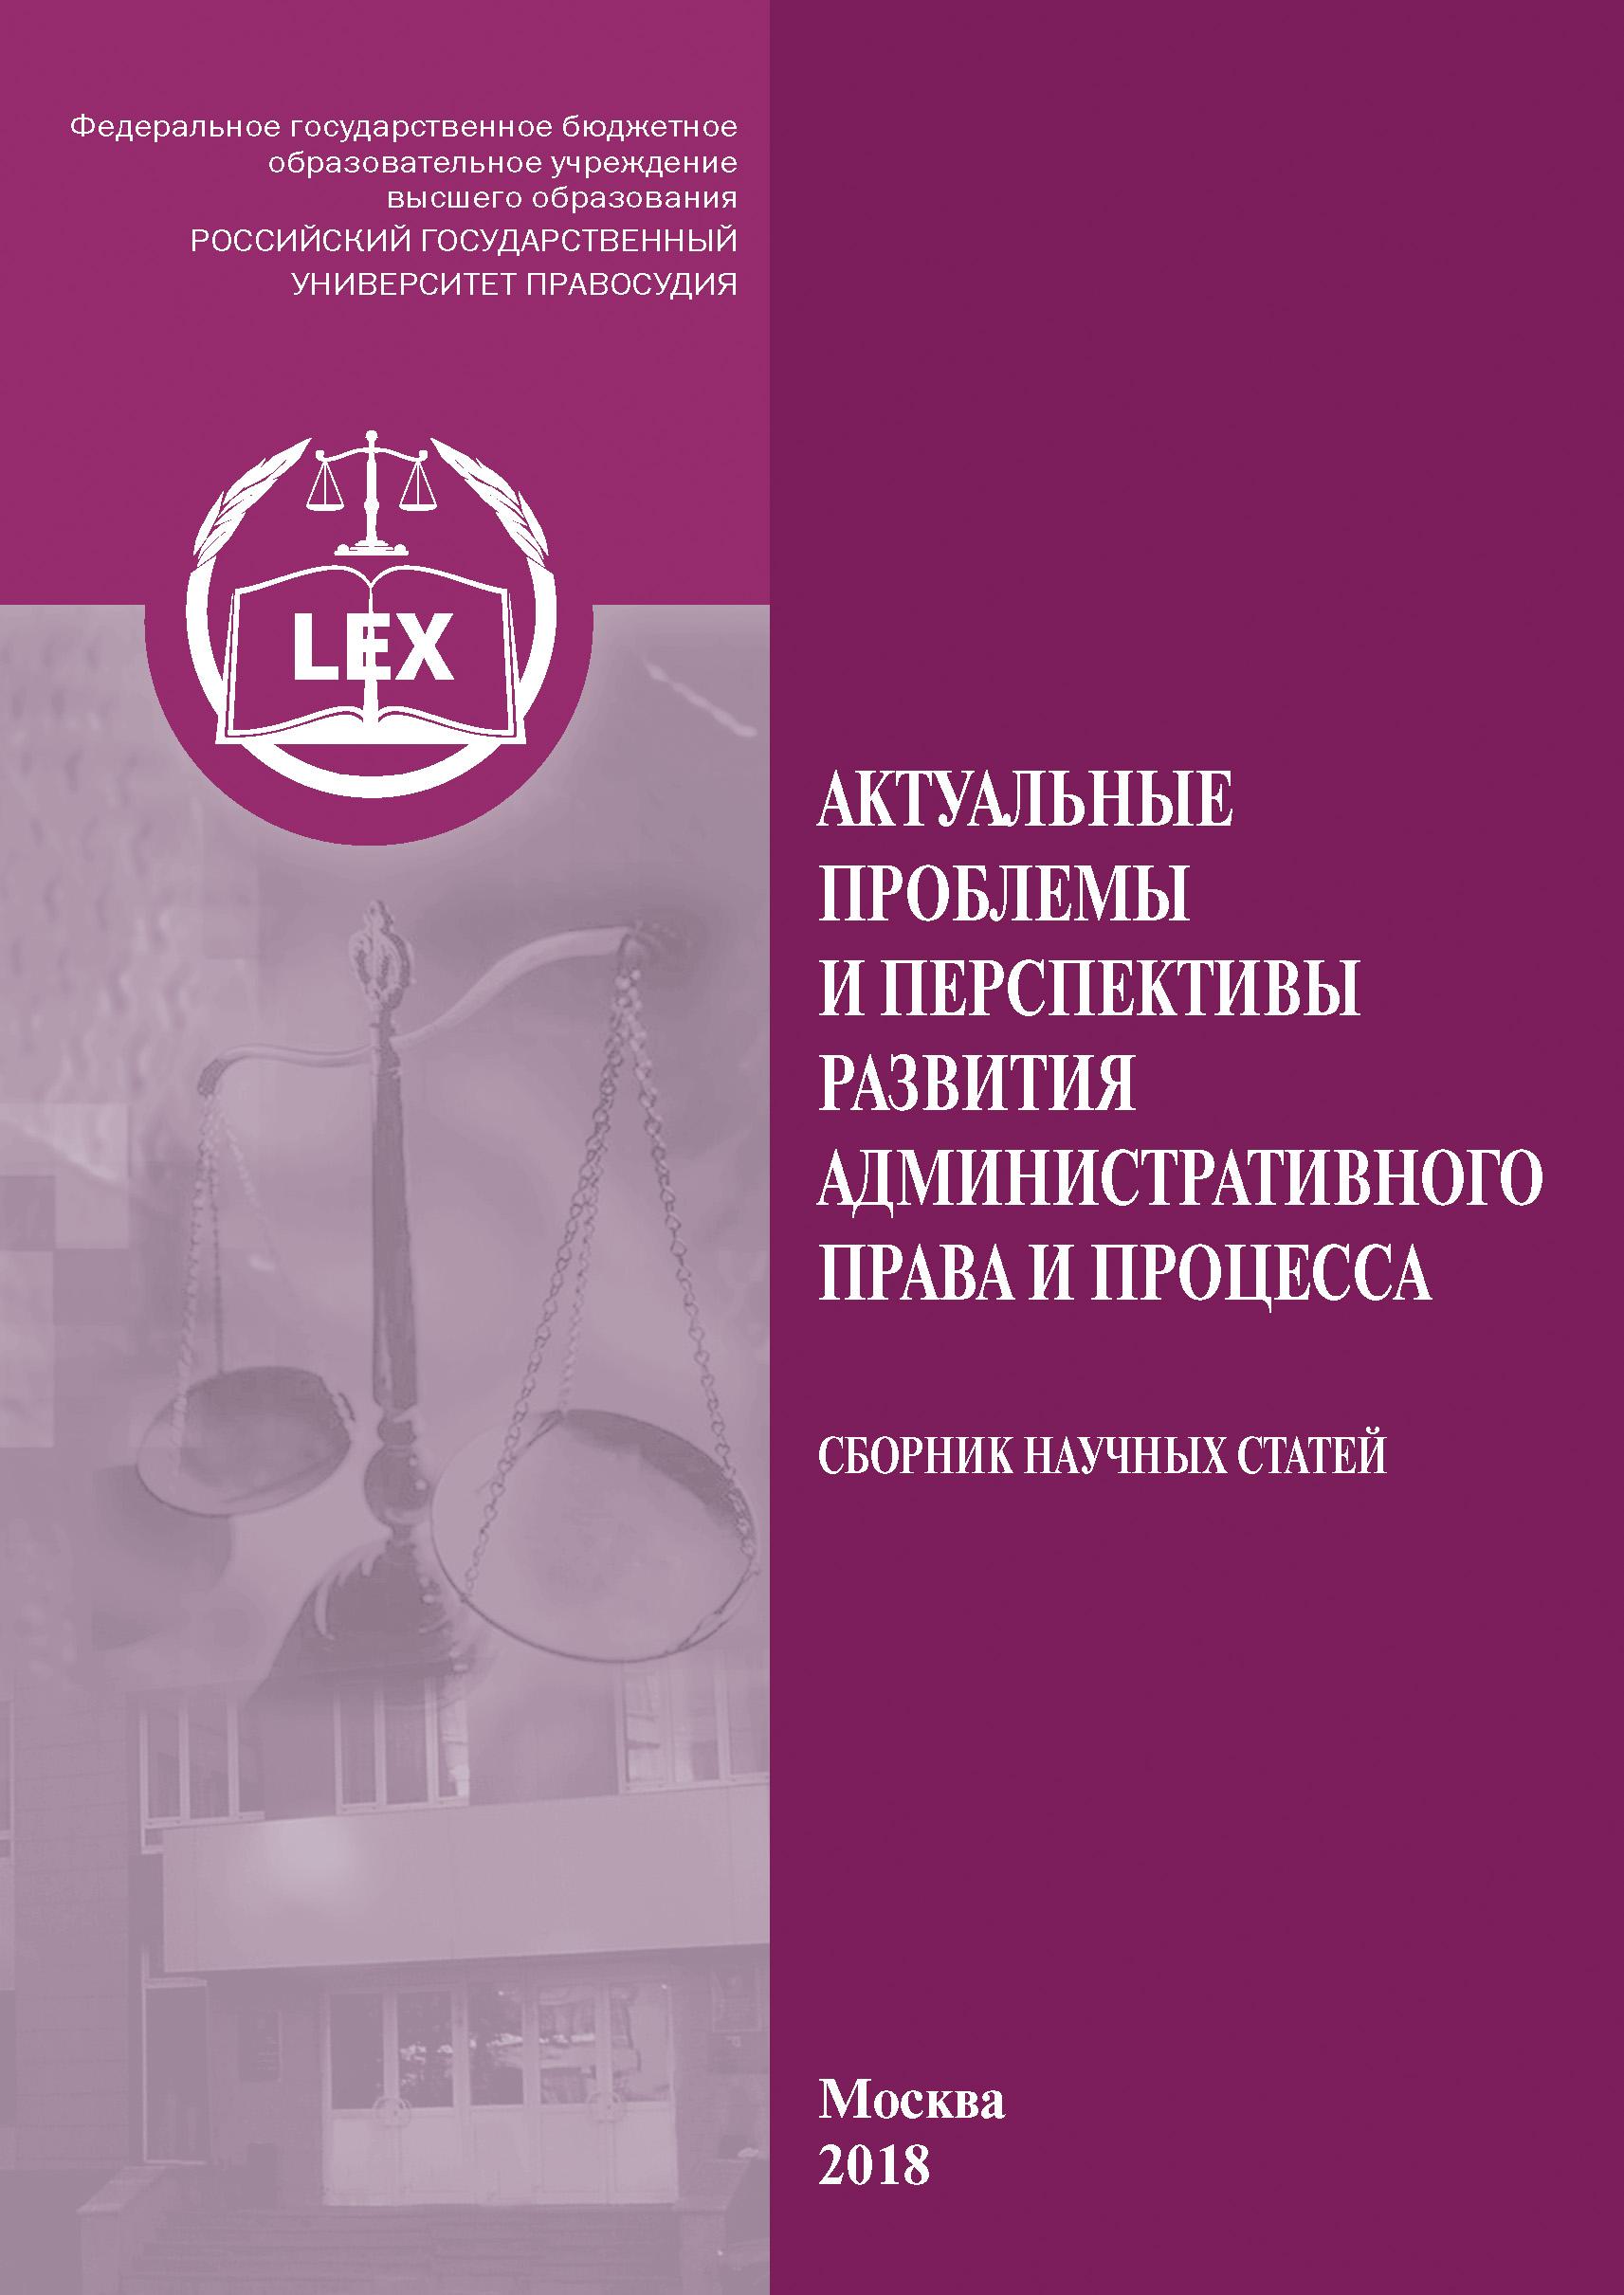 Коллектив авторов Актуальные проблемы и перспективы развития административного права и процесса